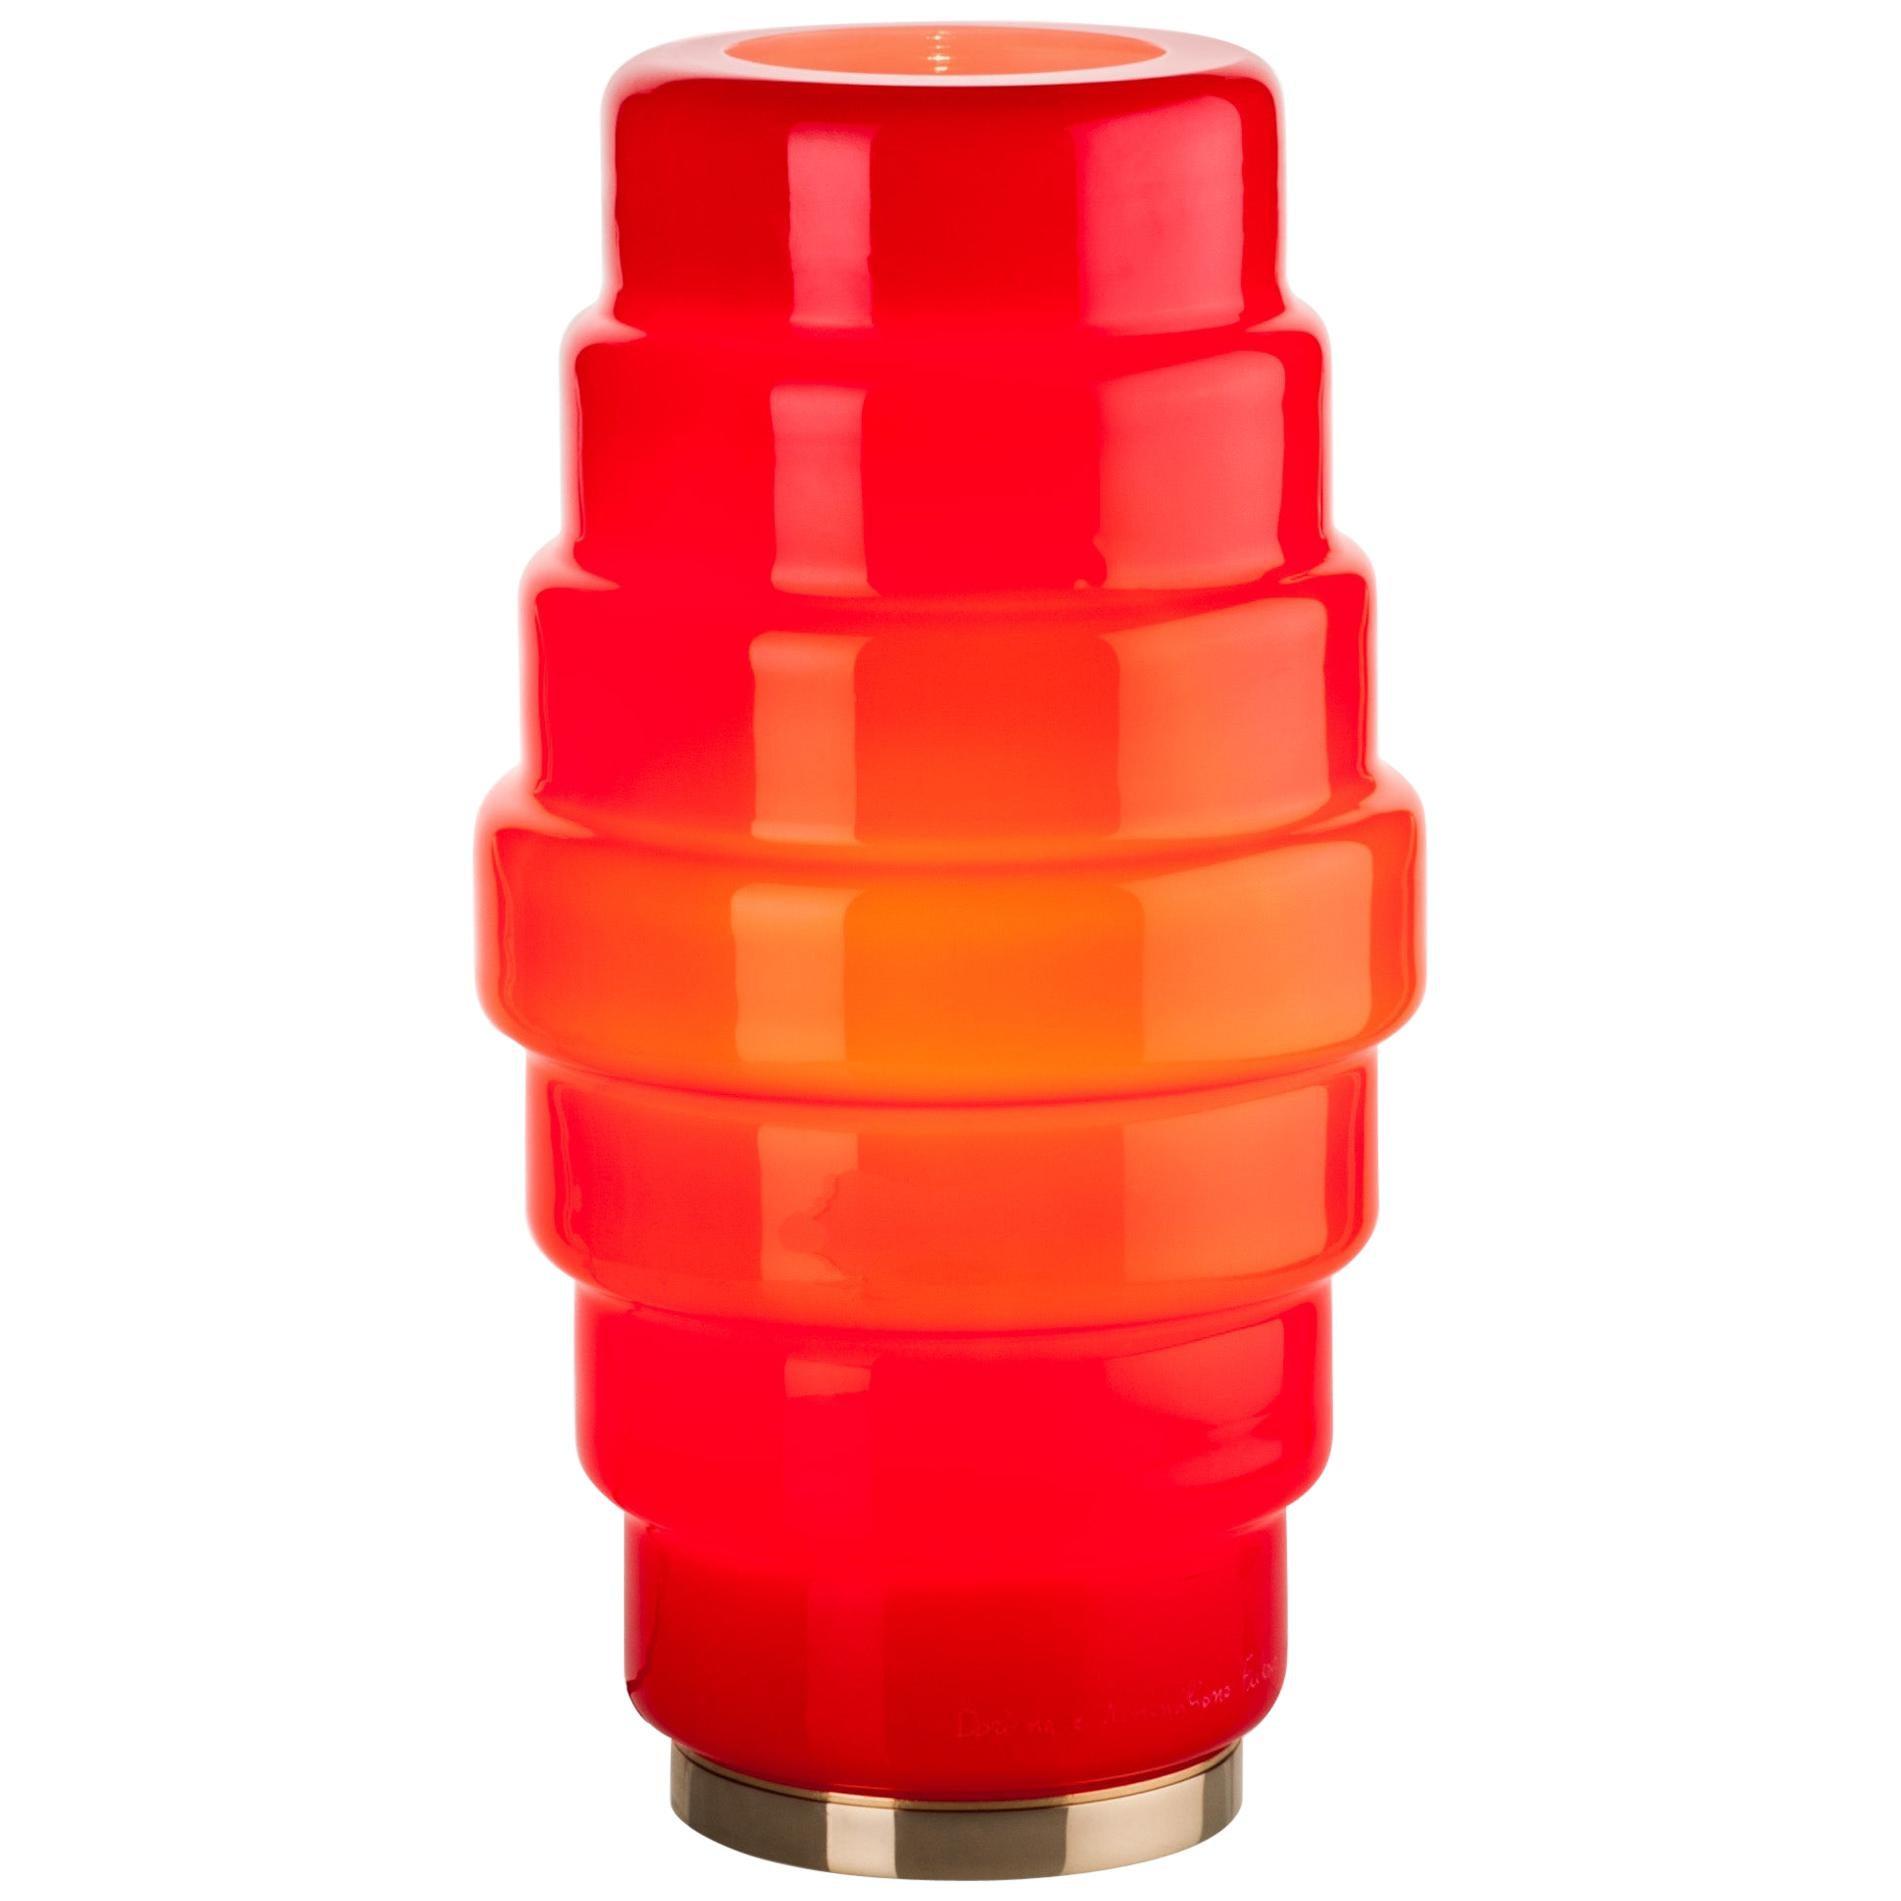 Venini Zoe Small Table Light in Red by Doriana and Massimiliano Fuksas